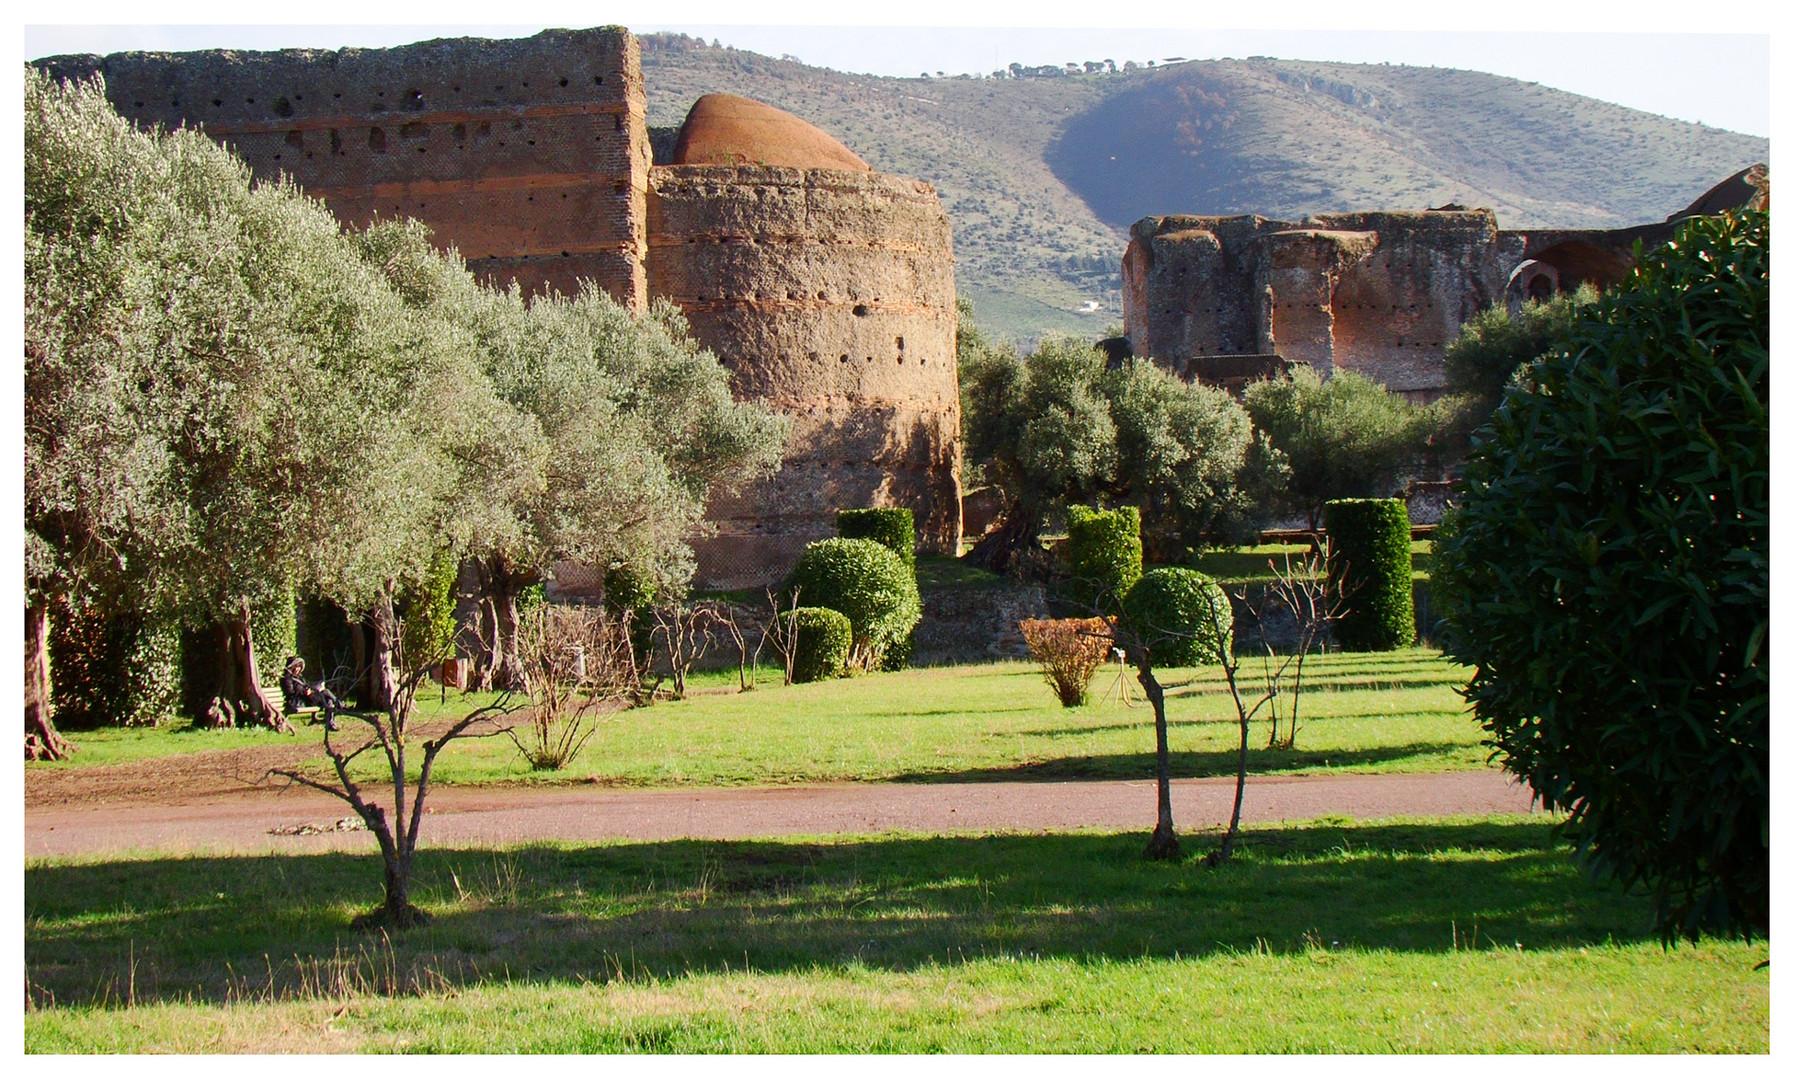 Italienische impression - natur und frieden - gesehen im dezember 2009